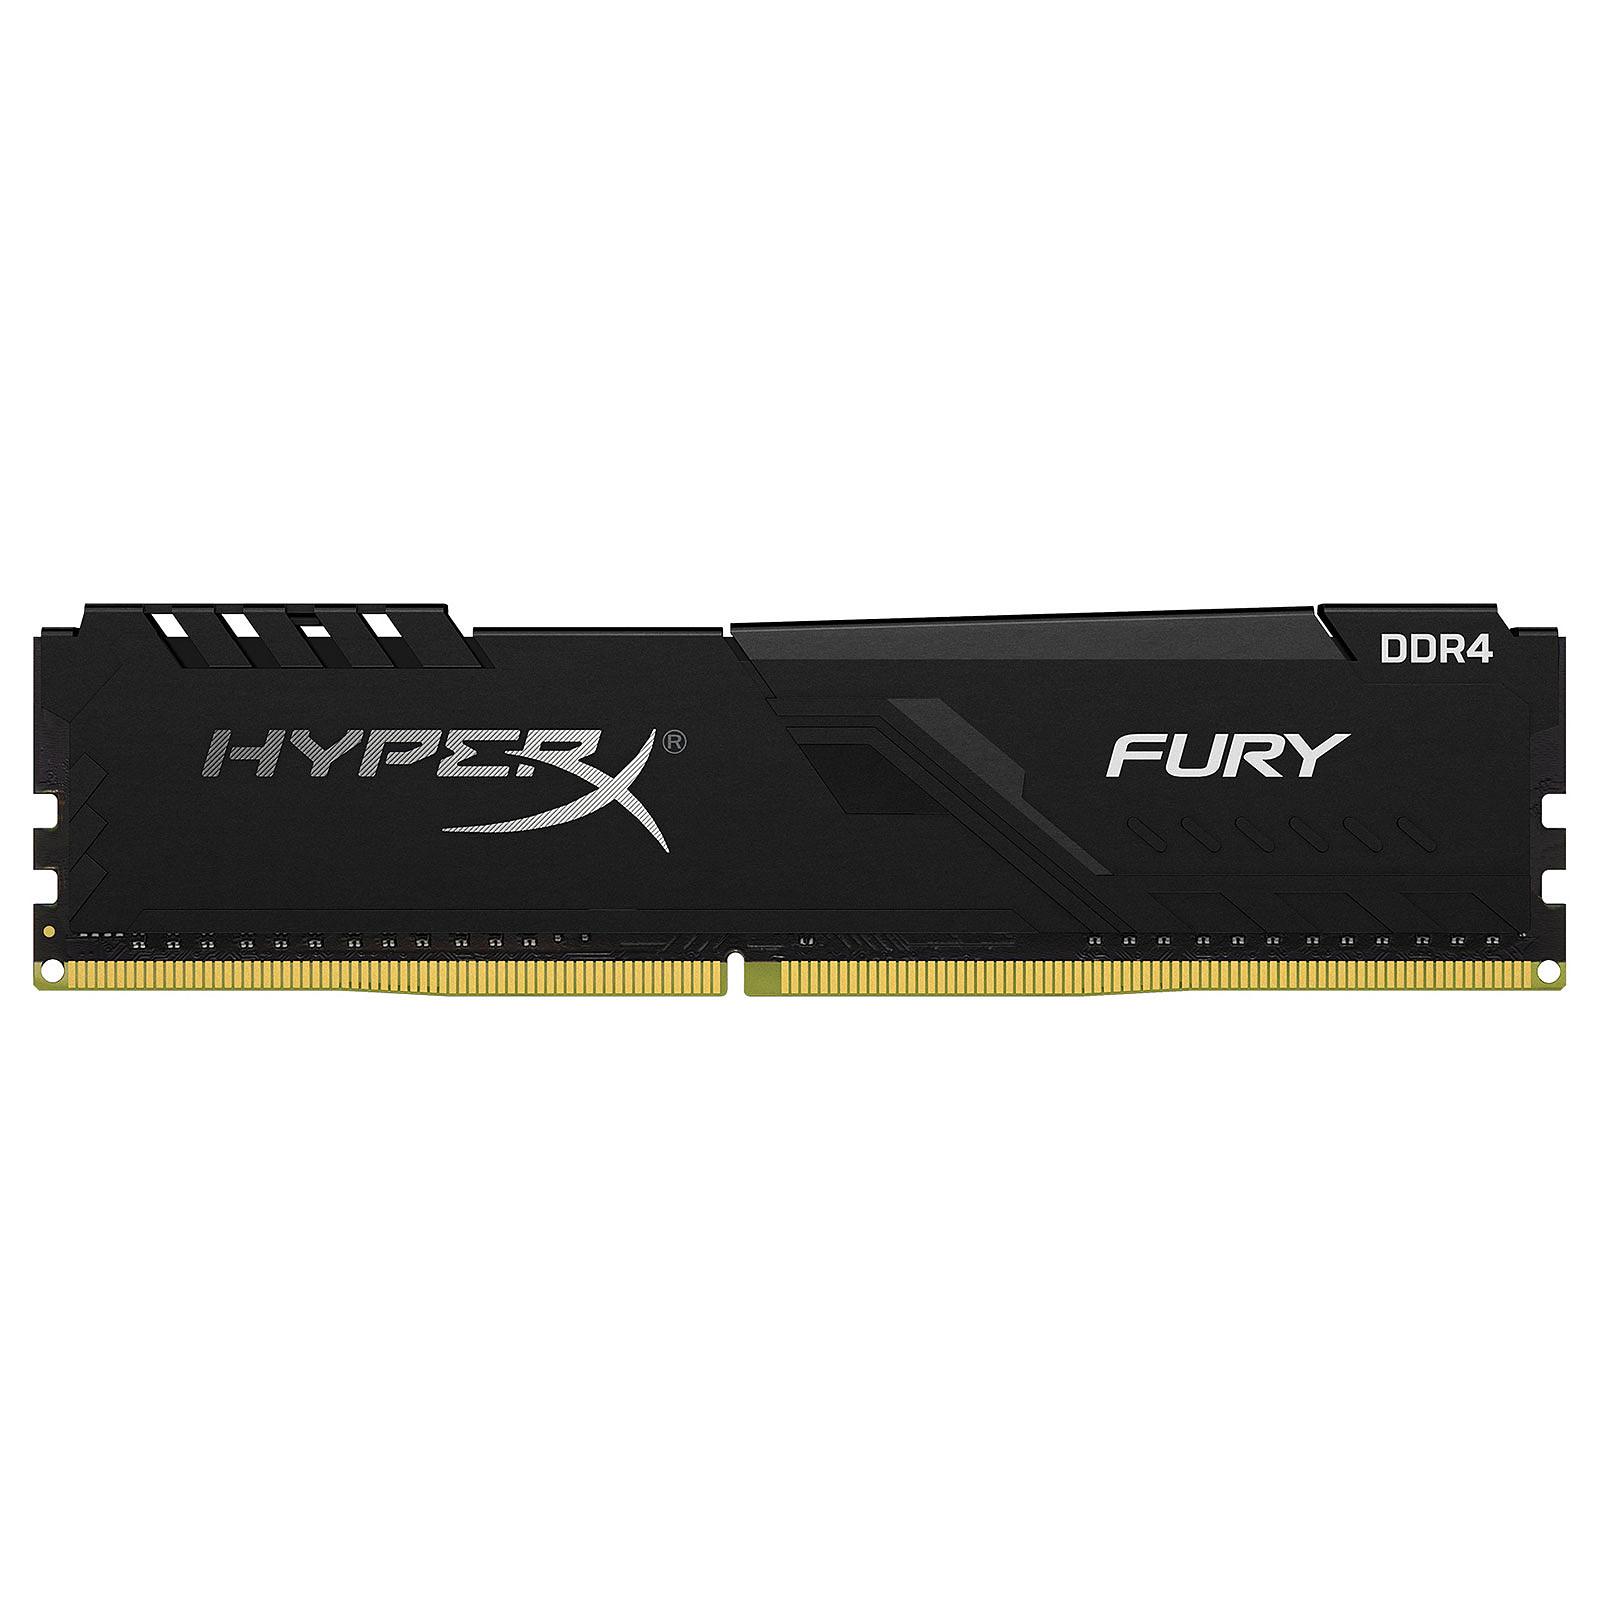 HyperX Fury 16 Go DDR4 2666 MHz CL16